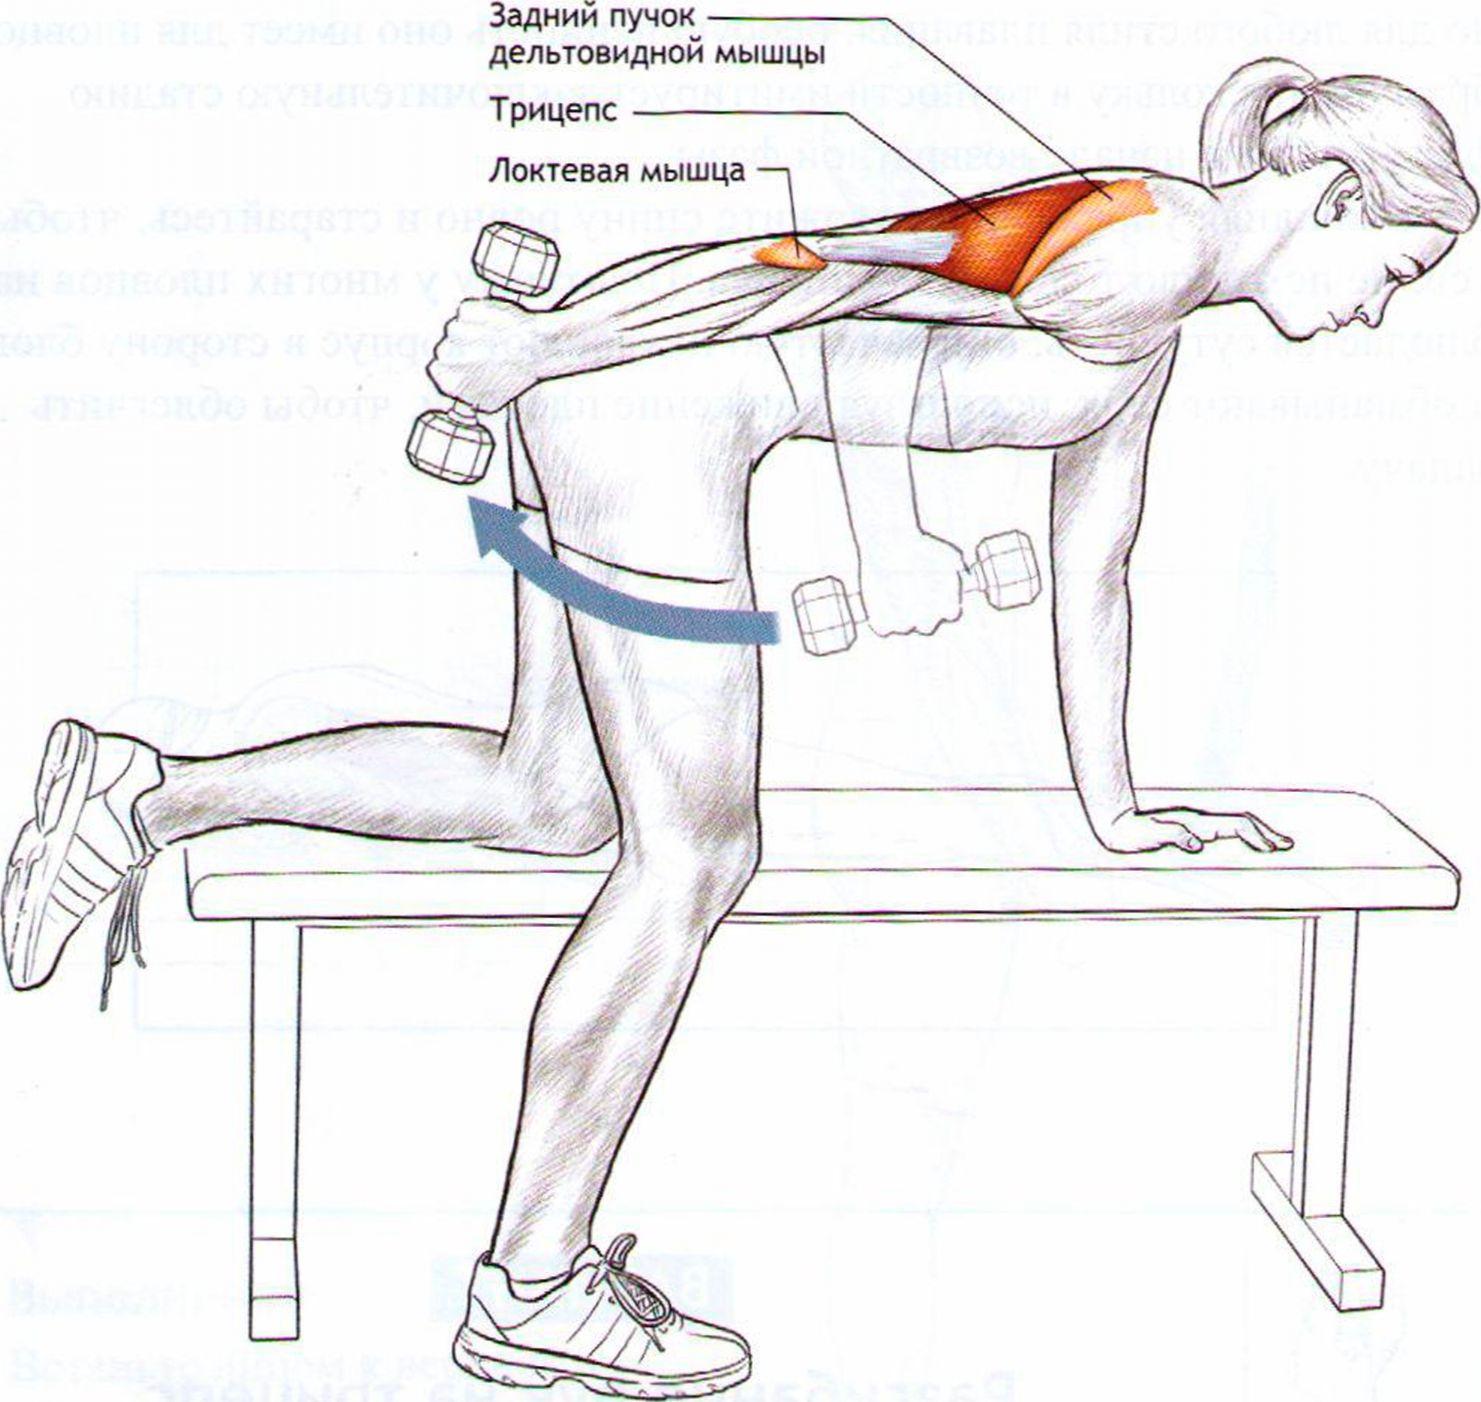 Упражнения для трицепса в домашних условиях со штангой